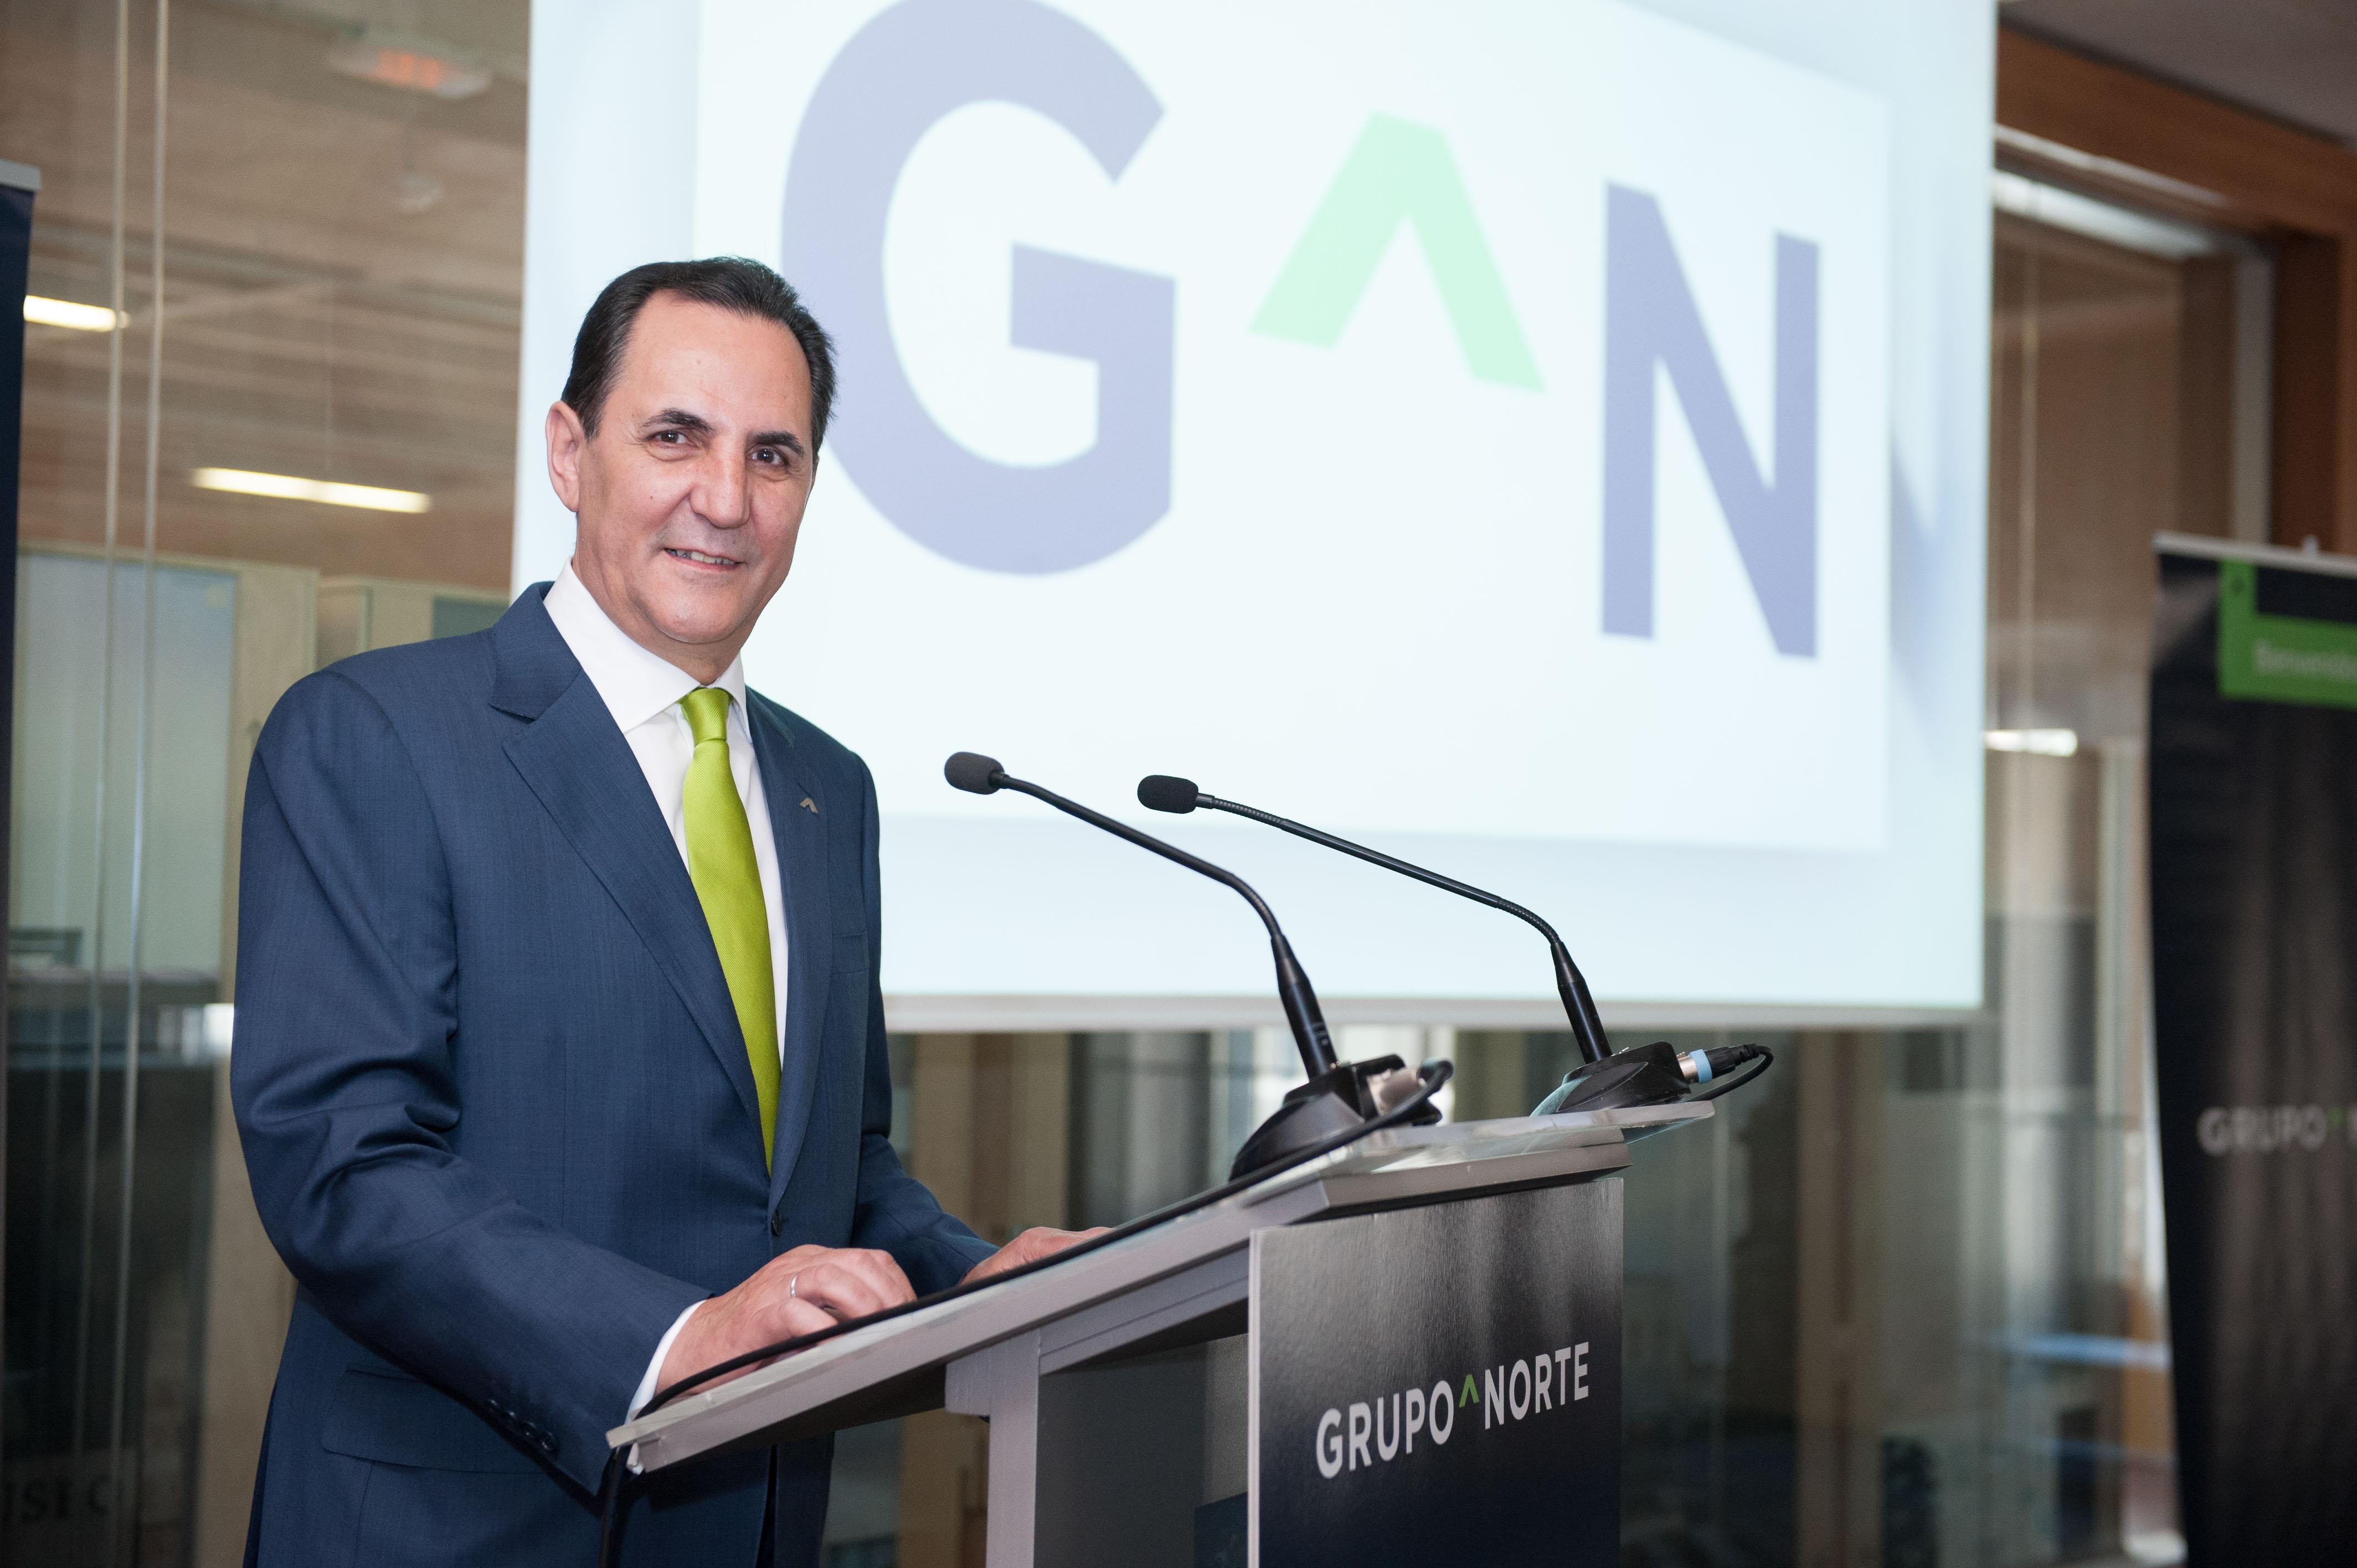 GRUPO NORTE incrementa sus ventas un 18% en el primer semestre del año y suma 800 nuevos empleados